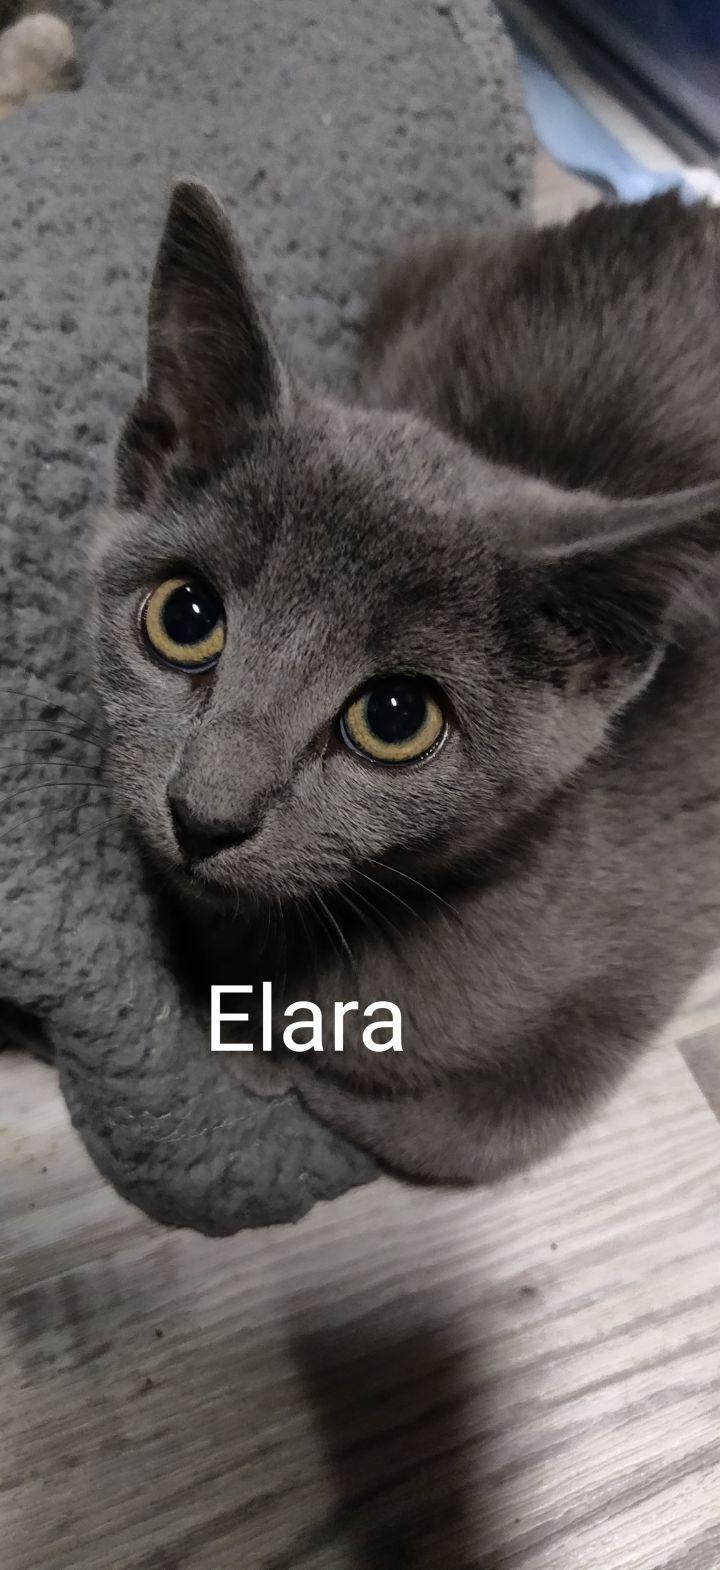 Elara (Group kittens) 1